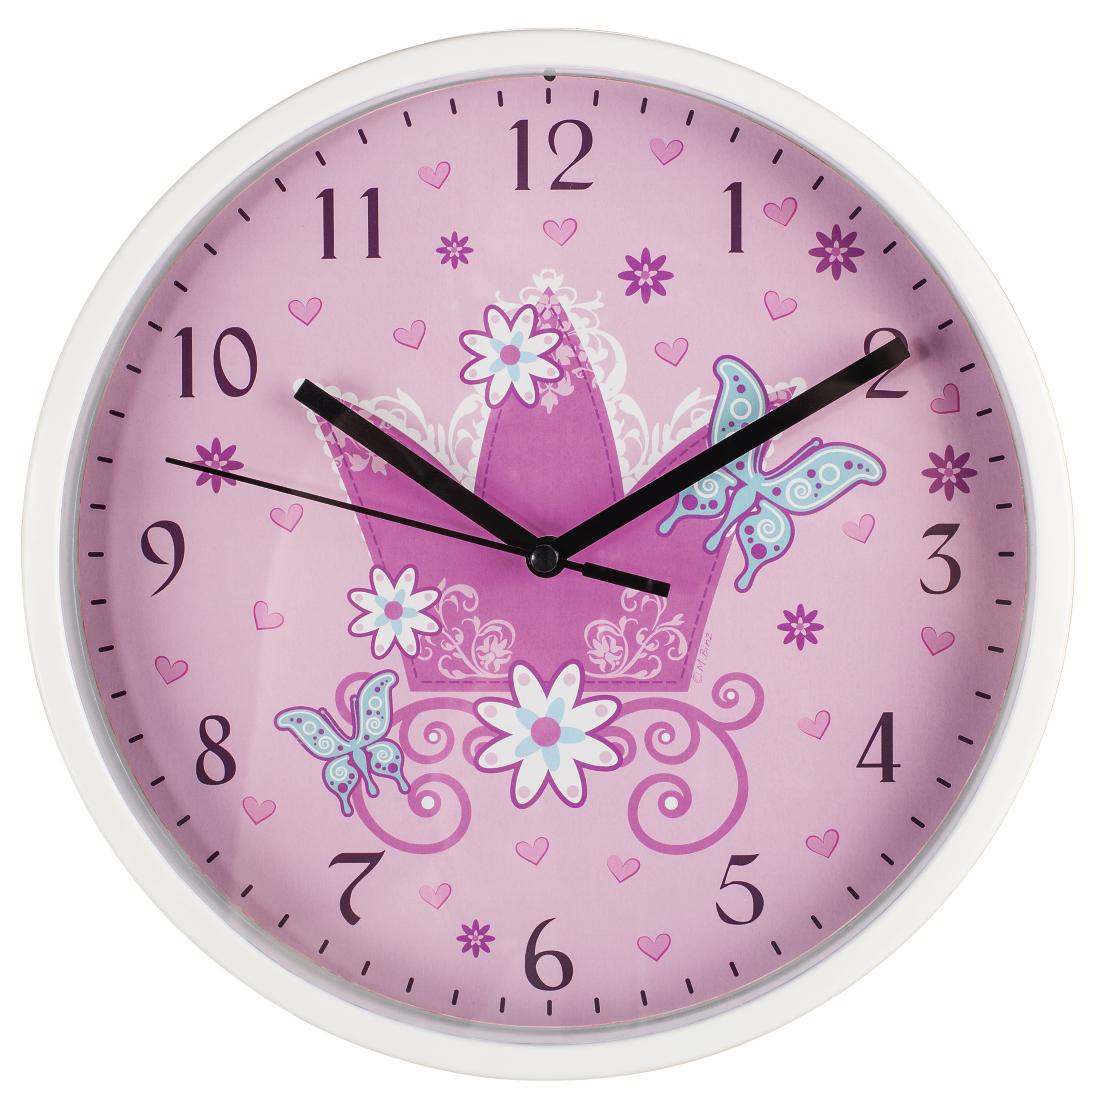 00176919 Hama Crown Childrens Wall Clock Diameter 225 Cm Low